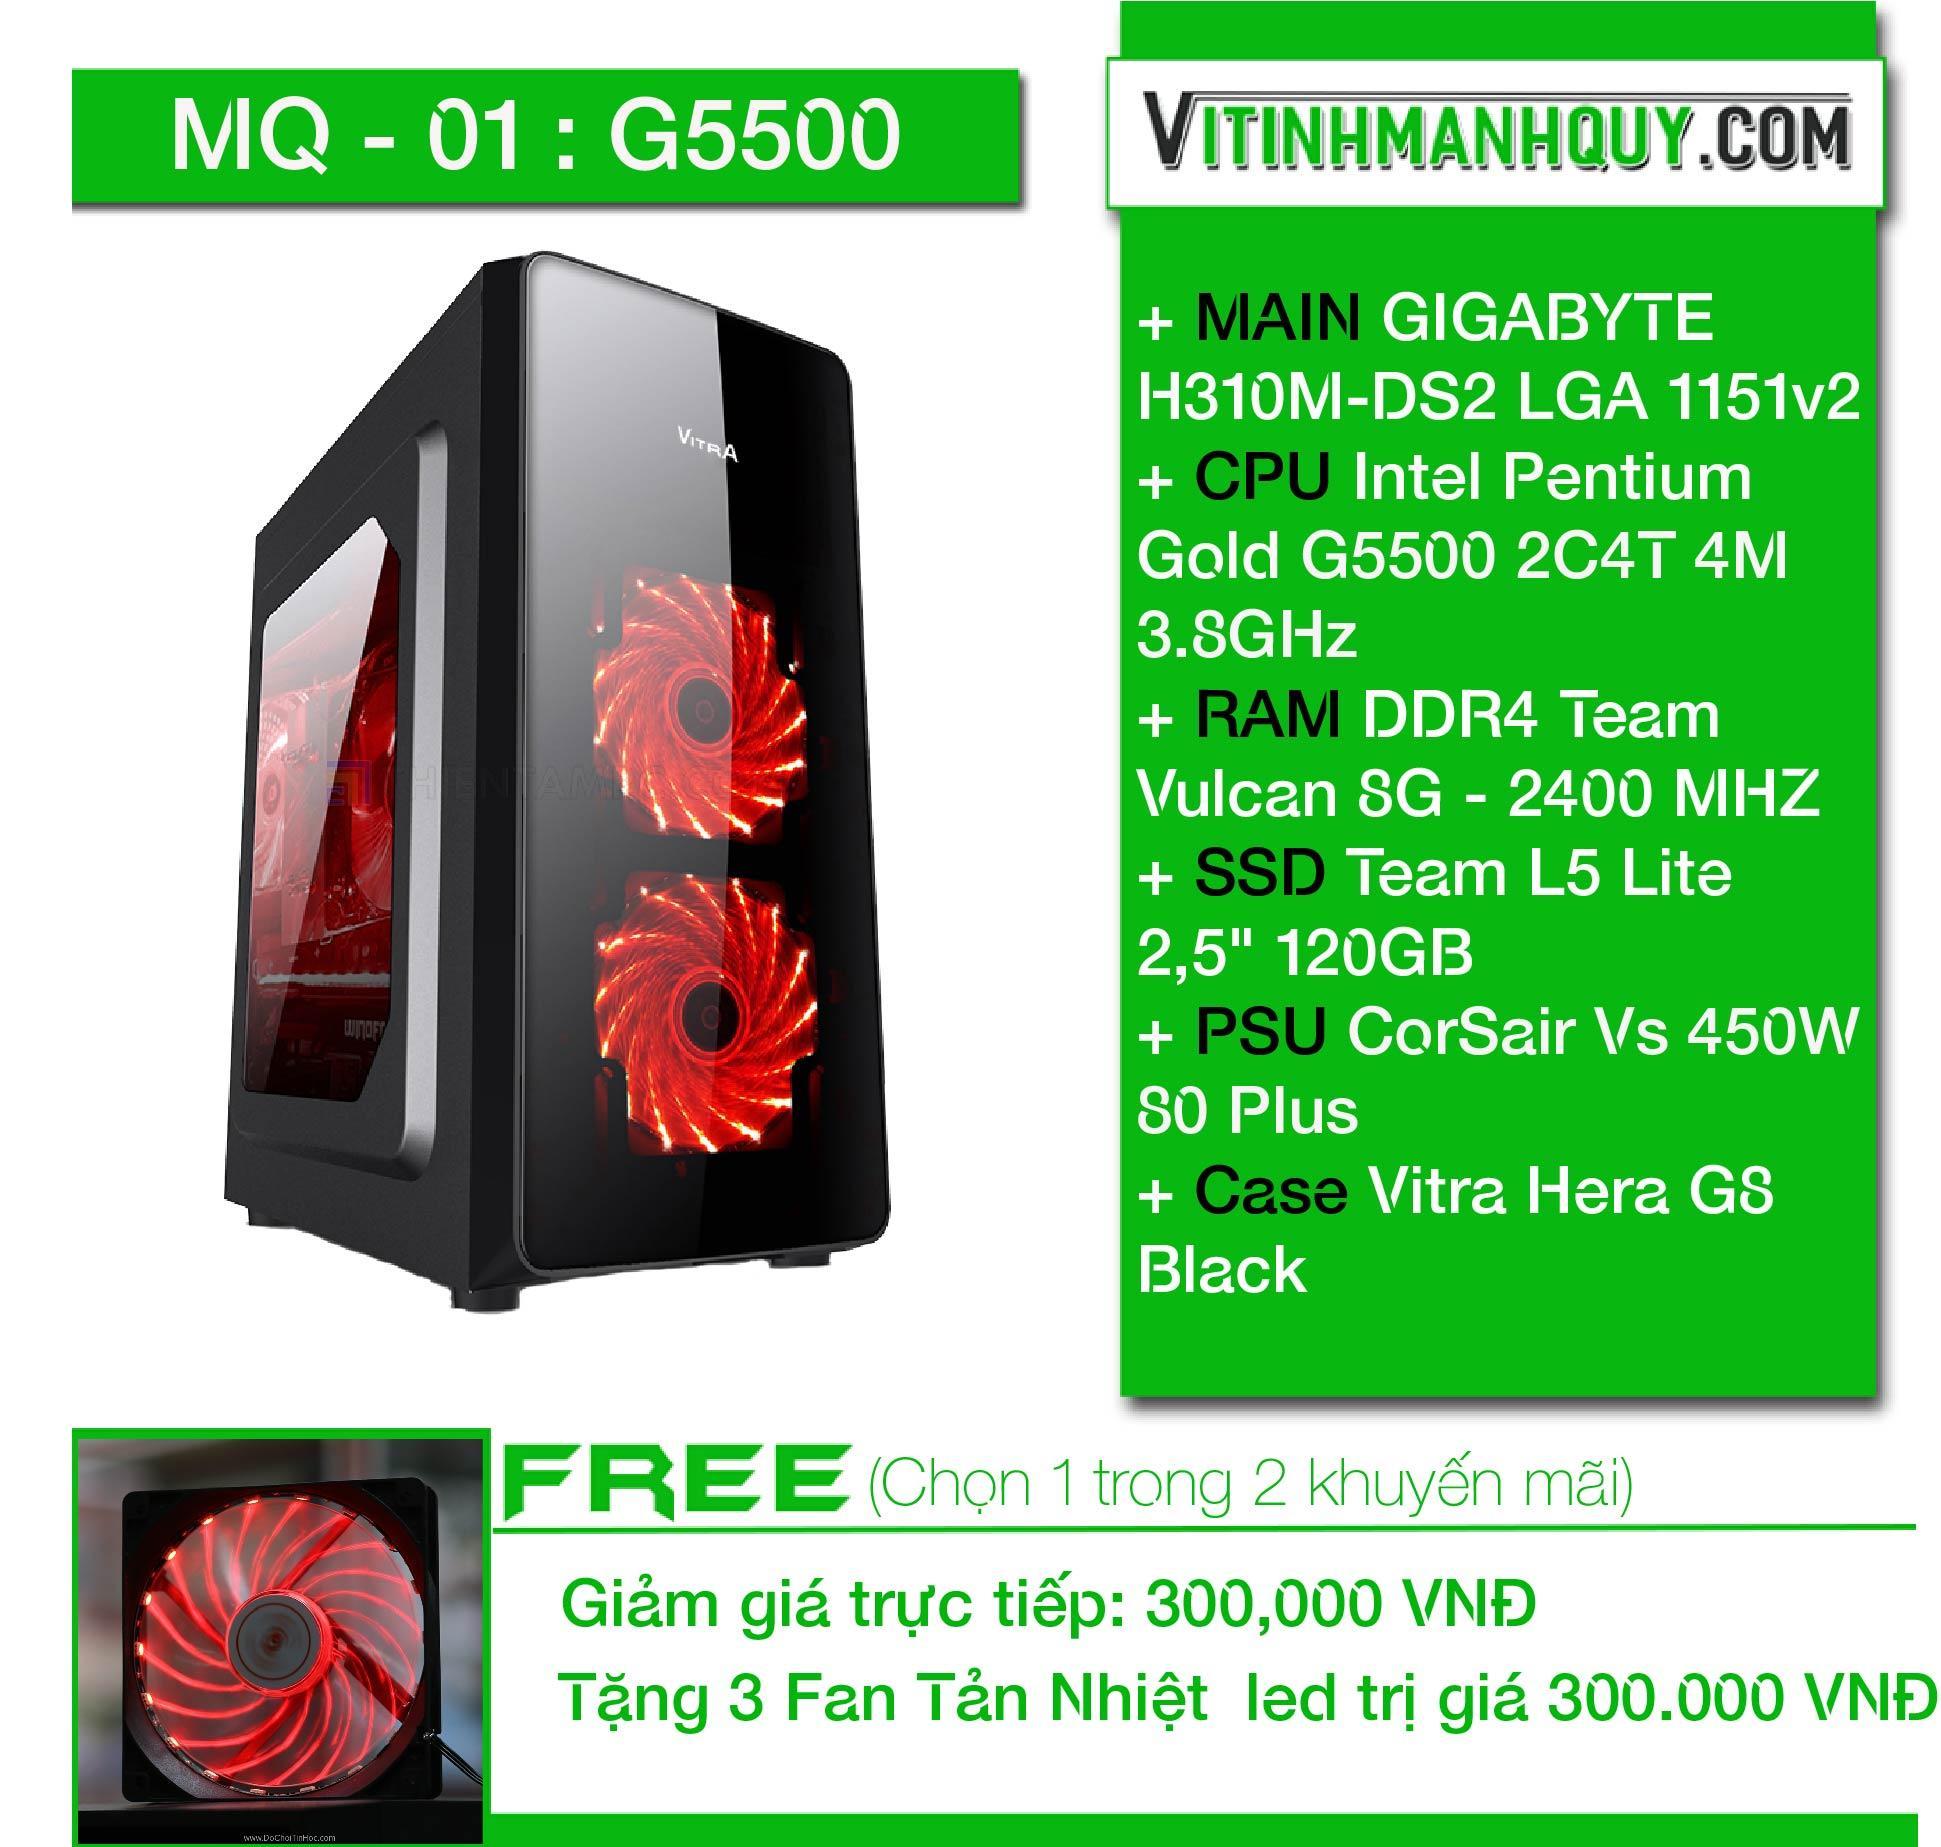 Hình ảnh MQ01G5500 - May bo HI END chuyen game - CaseVitra Hera G8 Black - Intel Pentium Gold G5500 2C4T 4M 3.8GHz - DDR4 Team Vulcan 8G - 2400 MHZ - SSD Team L5 Lite 2,5